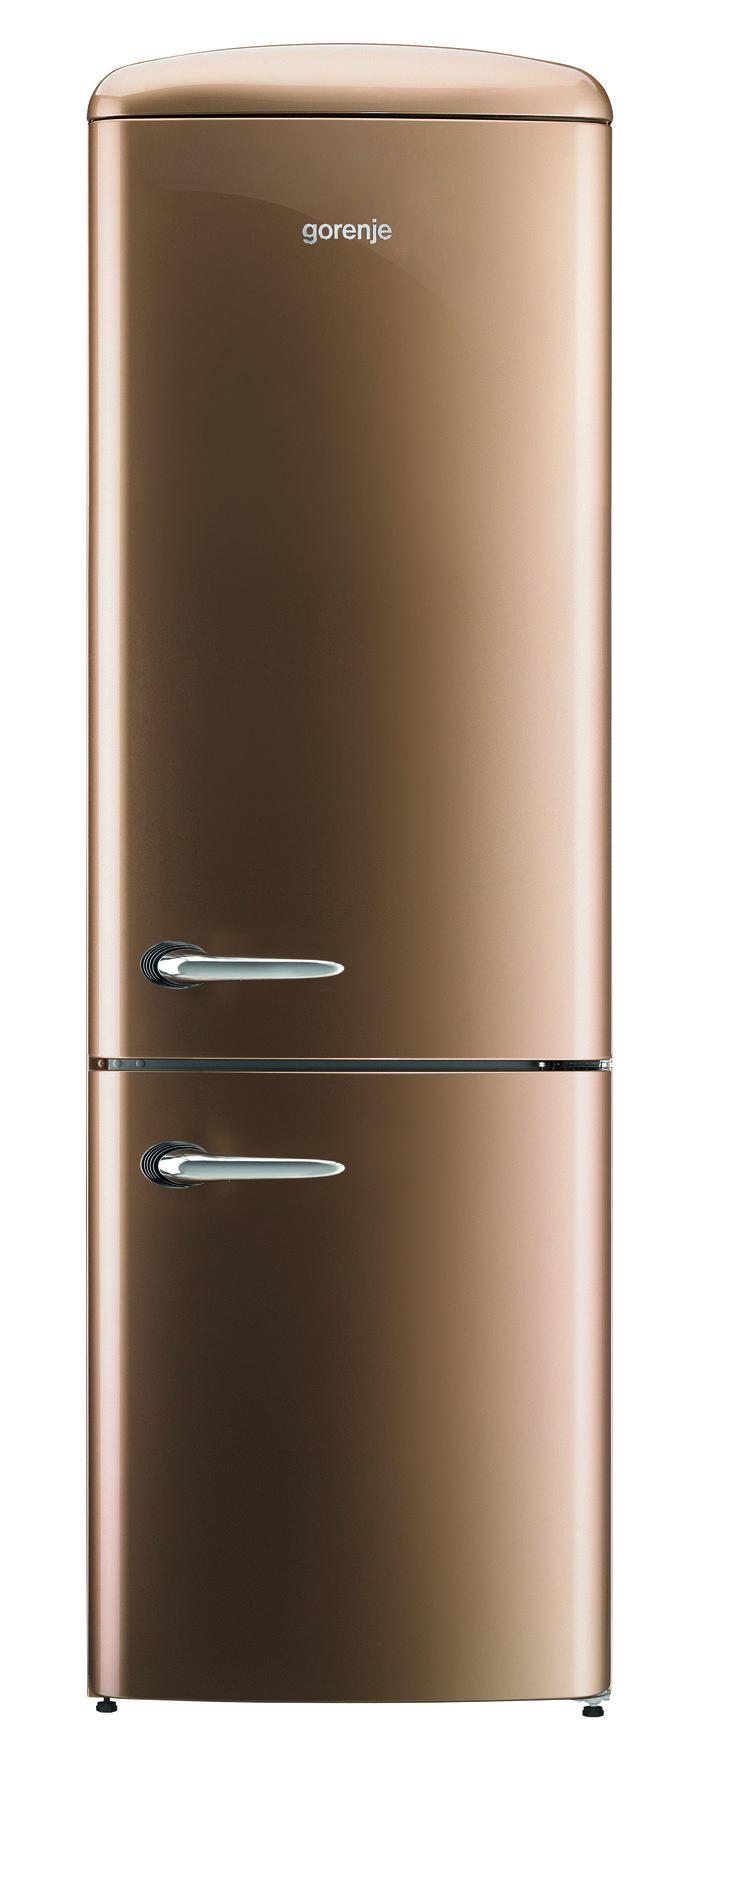 12 besten kühlschrank Bilder auf Pinterest | Kühlschrank ...